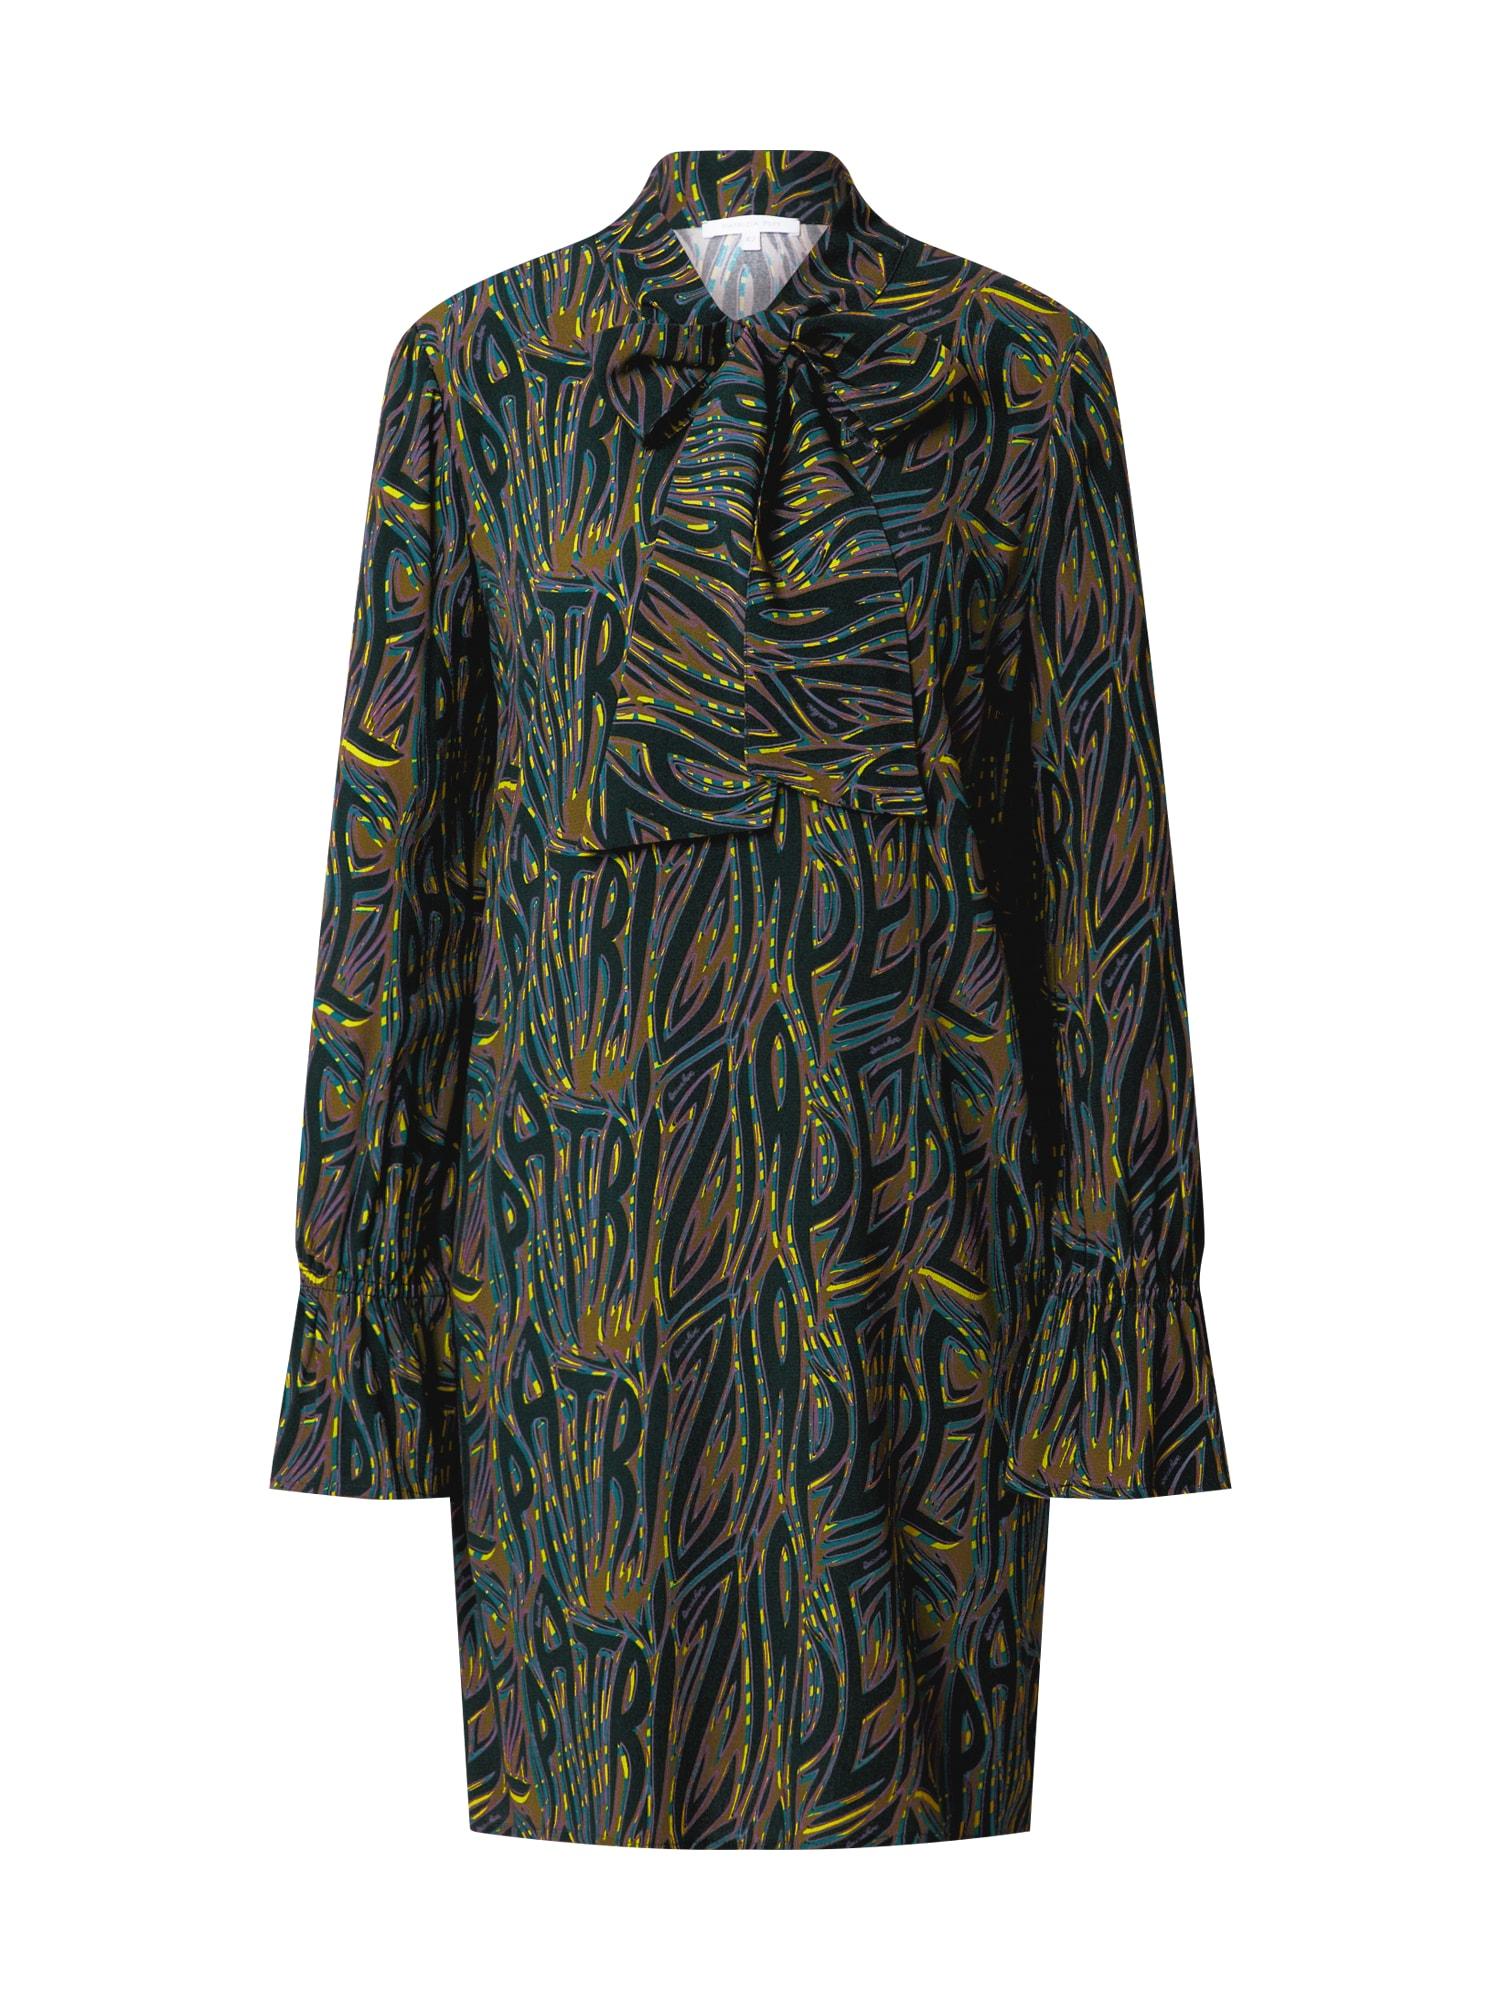 PATRIZIA PEPE Palaidinės tipo suknelė rusvai žalia / smaragdinė spalva / geltona / tamsiai violetinė / benzino spalva